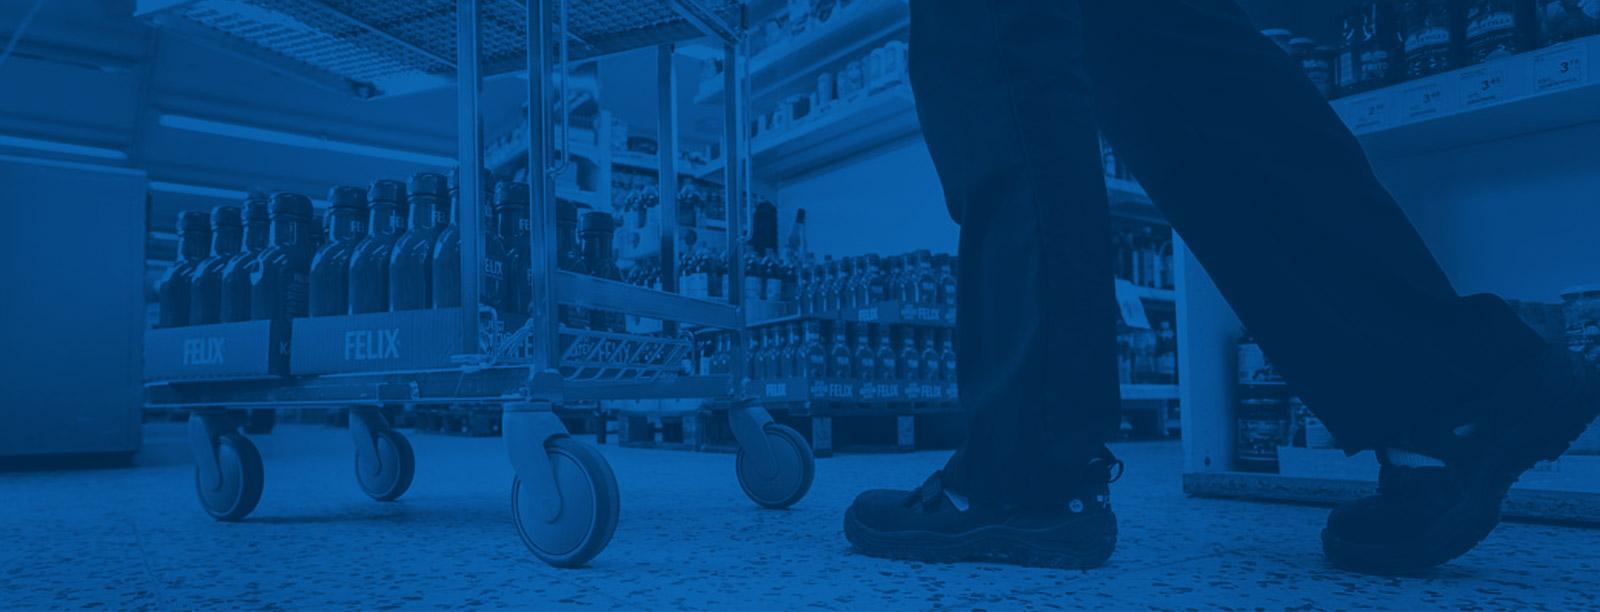 Huonekalupyörät ja kalustepyörät sopivat hyvin laitoksiin ja liikkeisiin